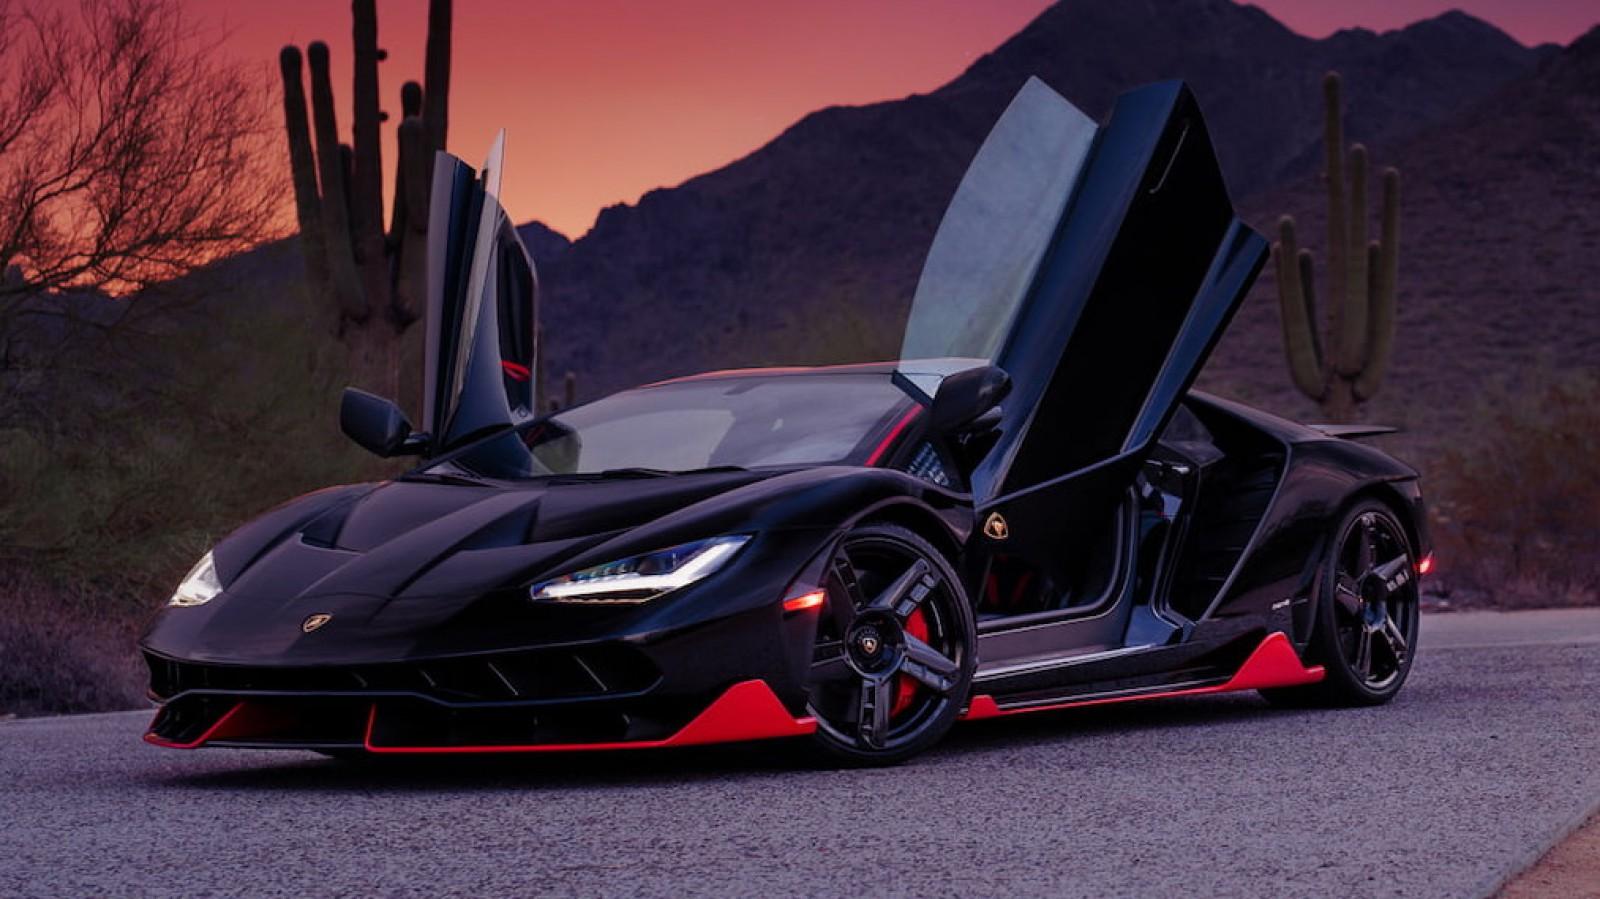 (foto) Maşină exclusivă. Cu doar 79 de km parcurşi, un Lamborghini Centenario îşi caută un nou proprietar